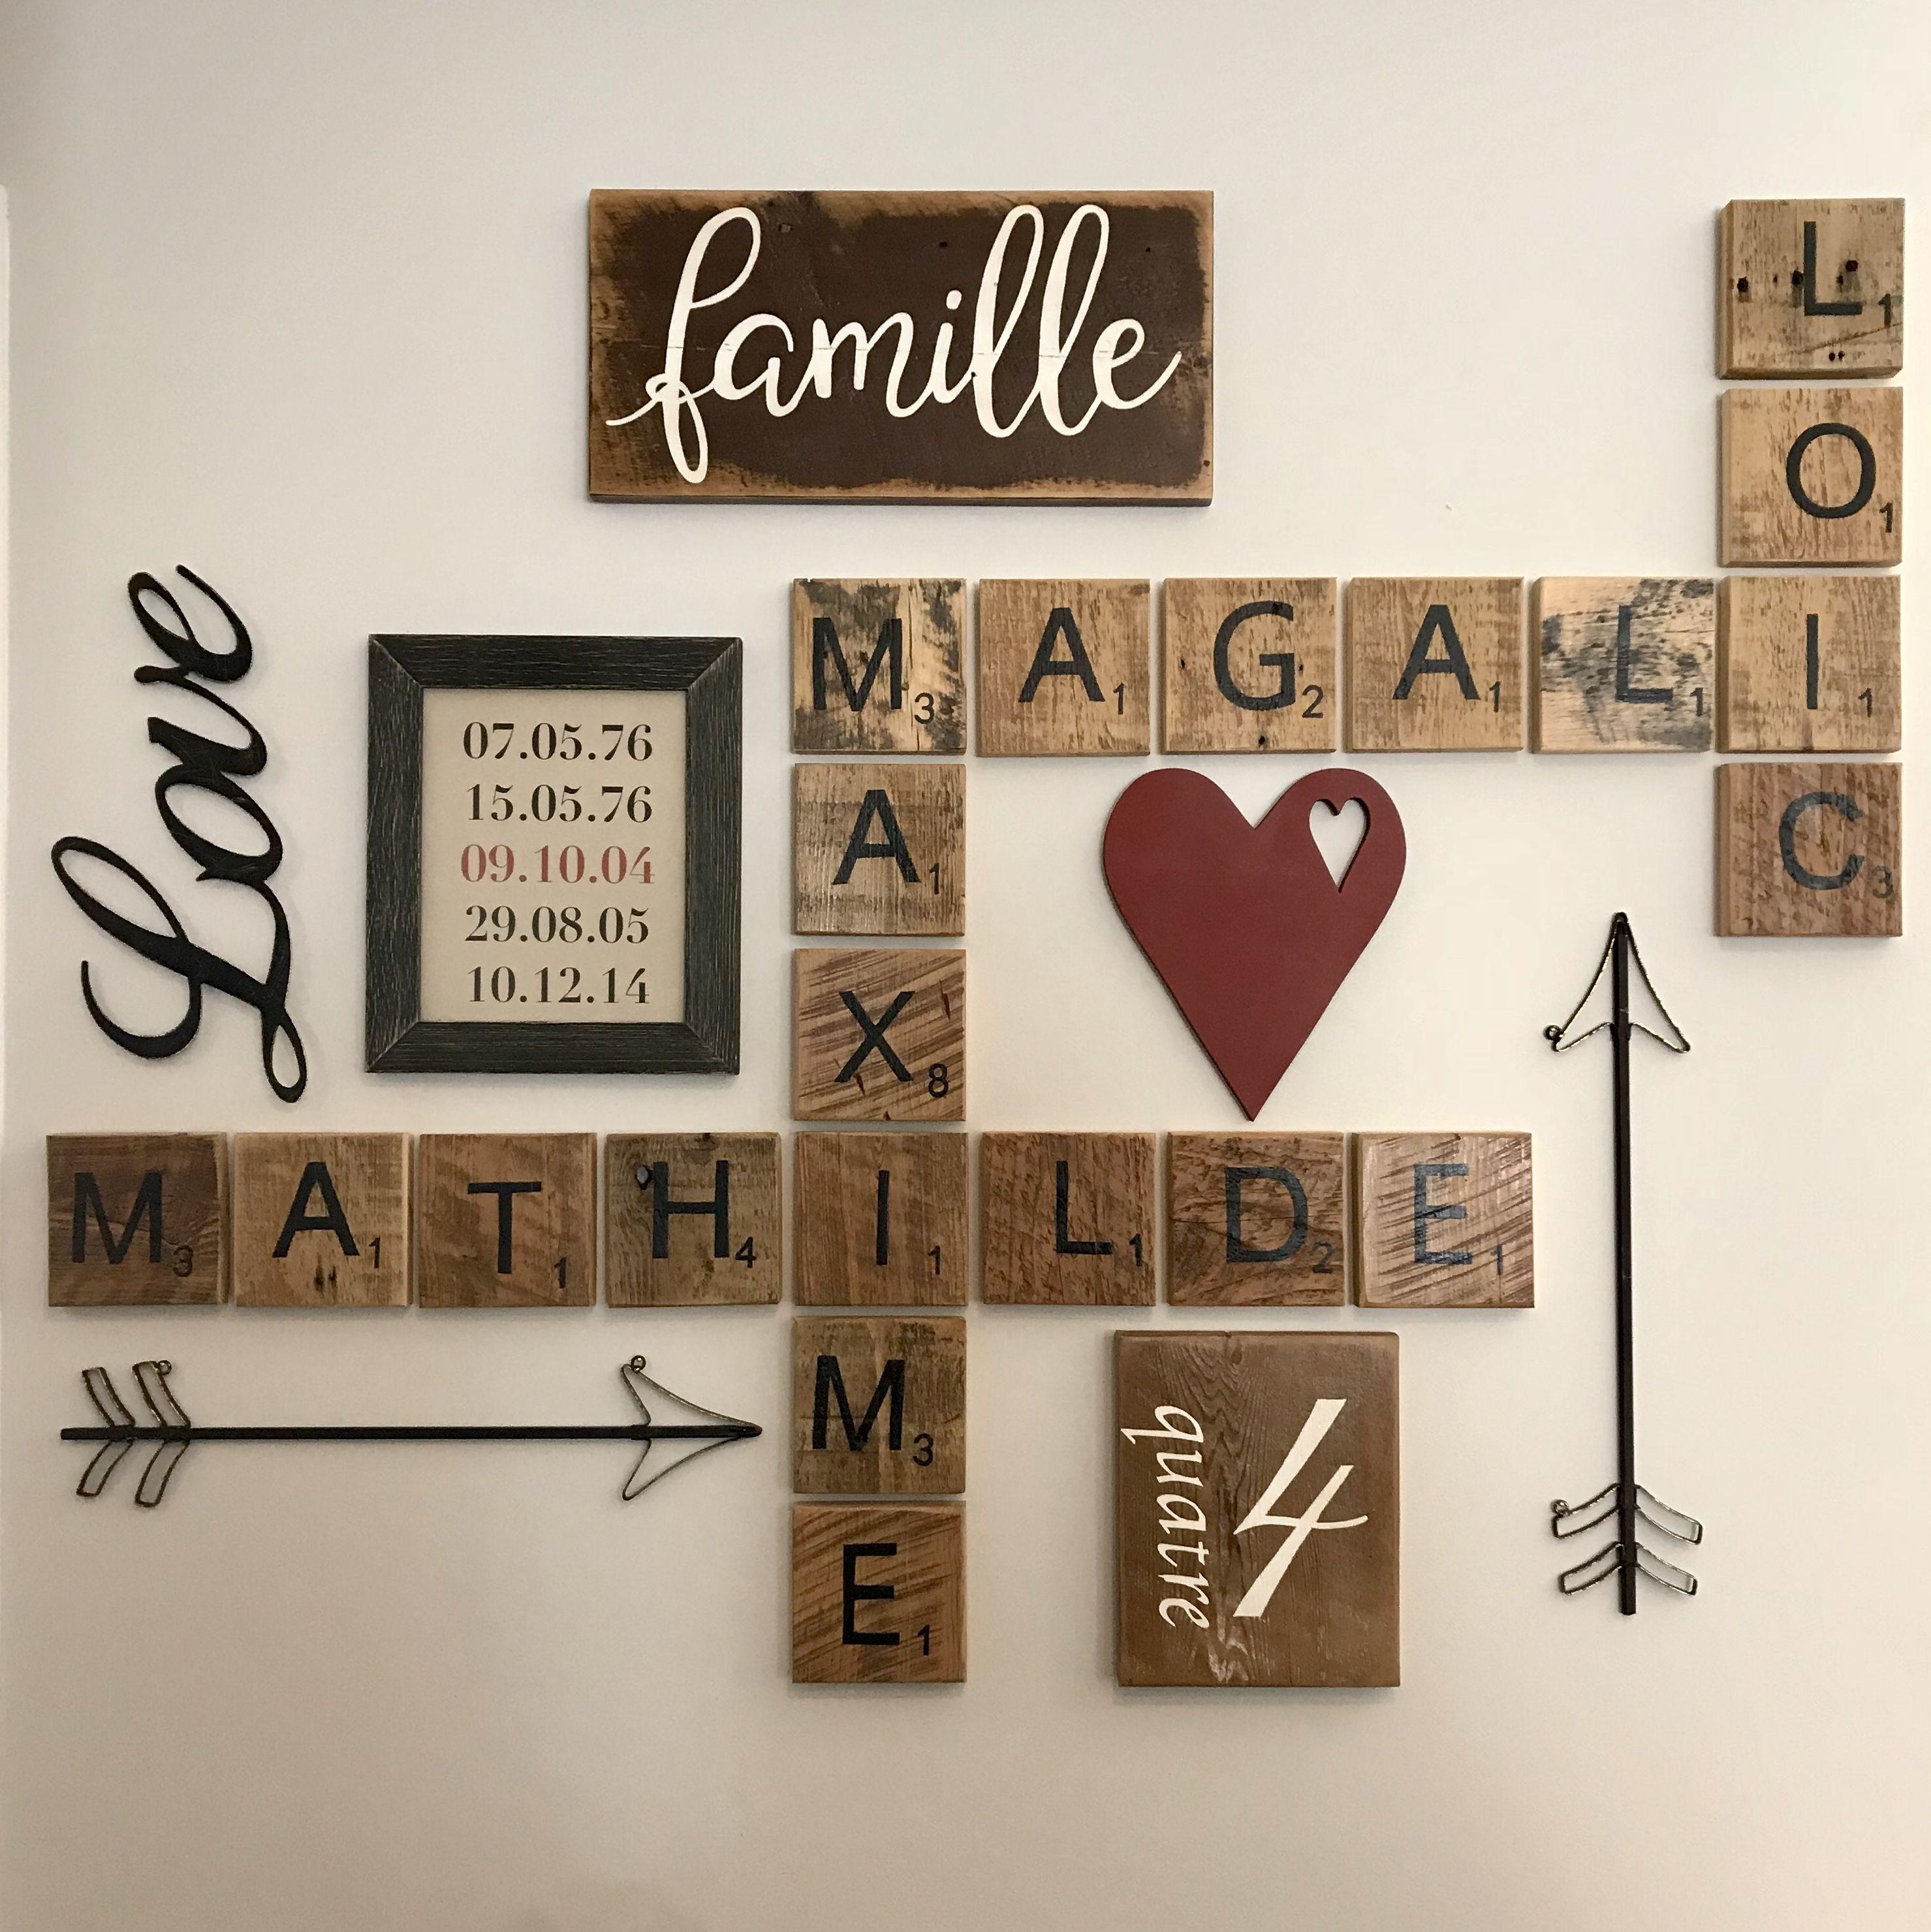 Decoration Murale Famille Lettres De Scrabble Cœur De Bois Love Fleches Lettre Scrabble Deco Decoration Salle A Manger Lettres Scrabble